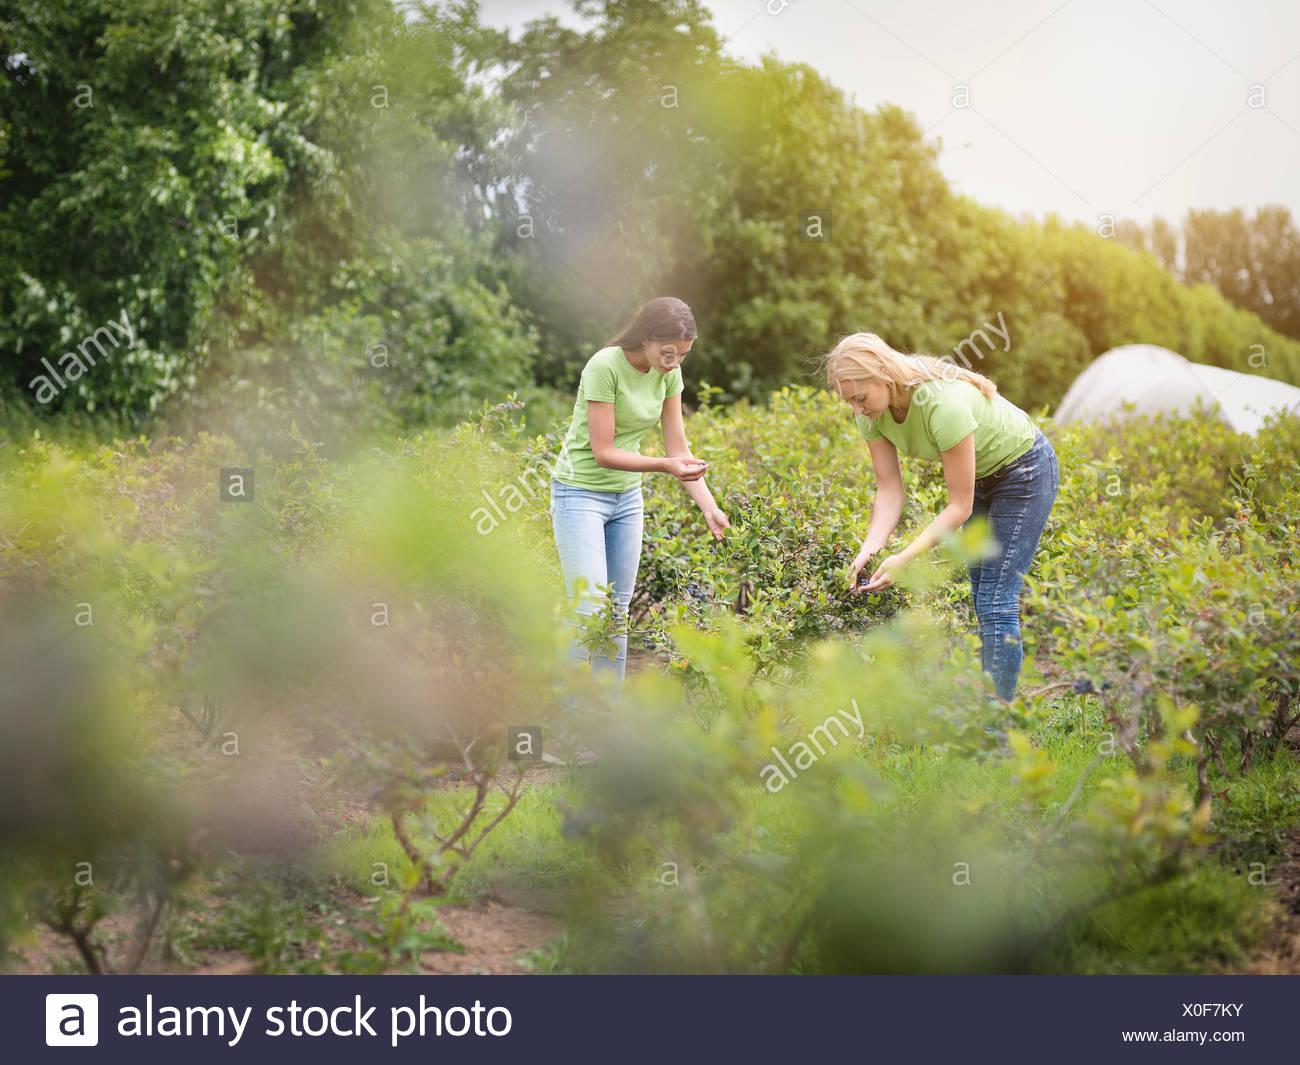 Lavoratori di mirtilli di prelievo su azienda frutticola Immagini Stock